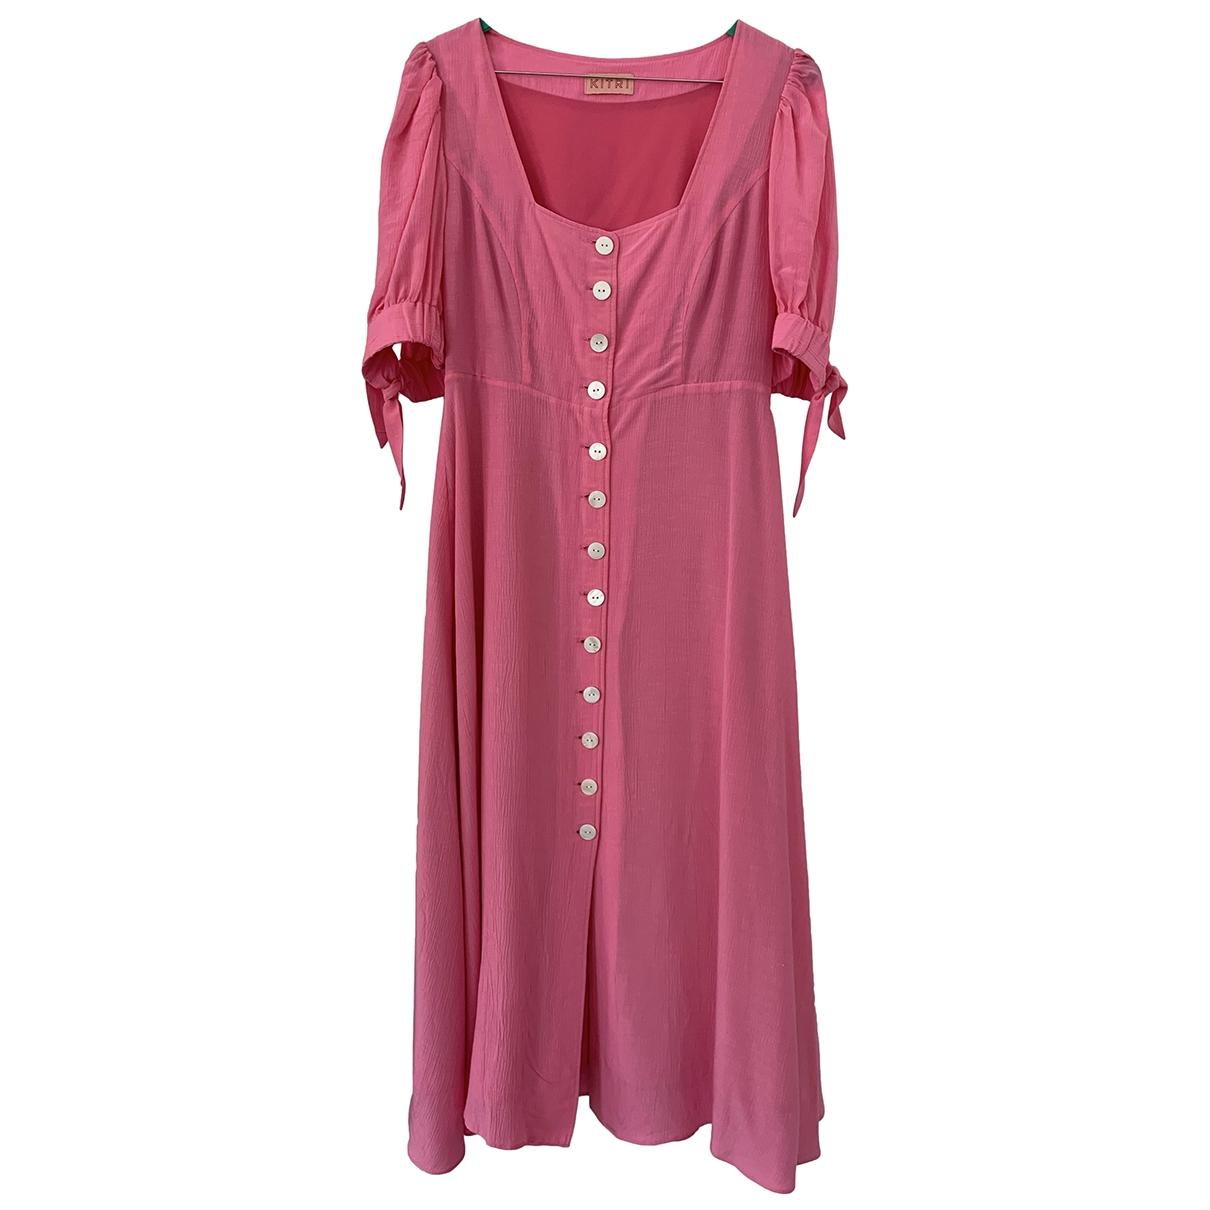 Kitri \N Kleid in  Rosa Viskose